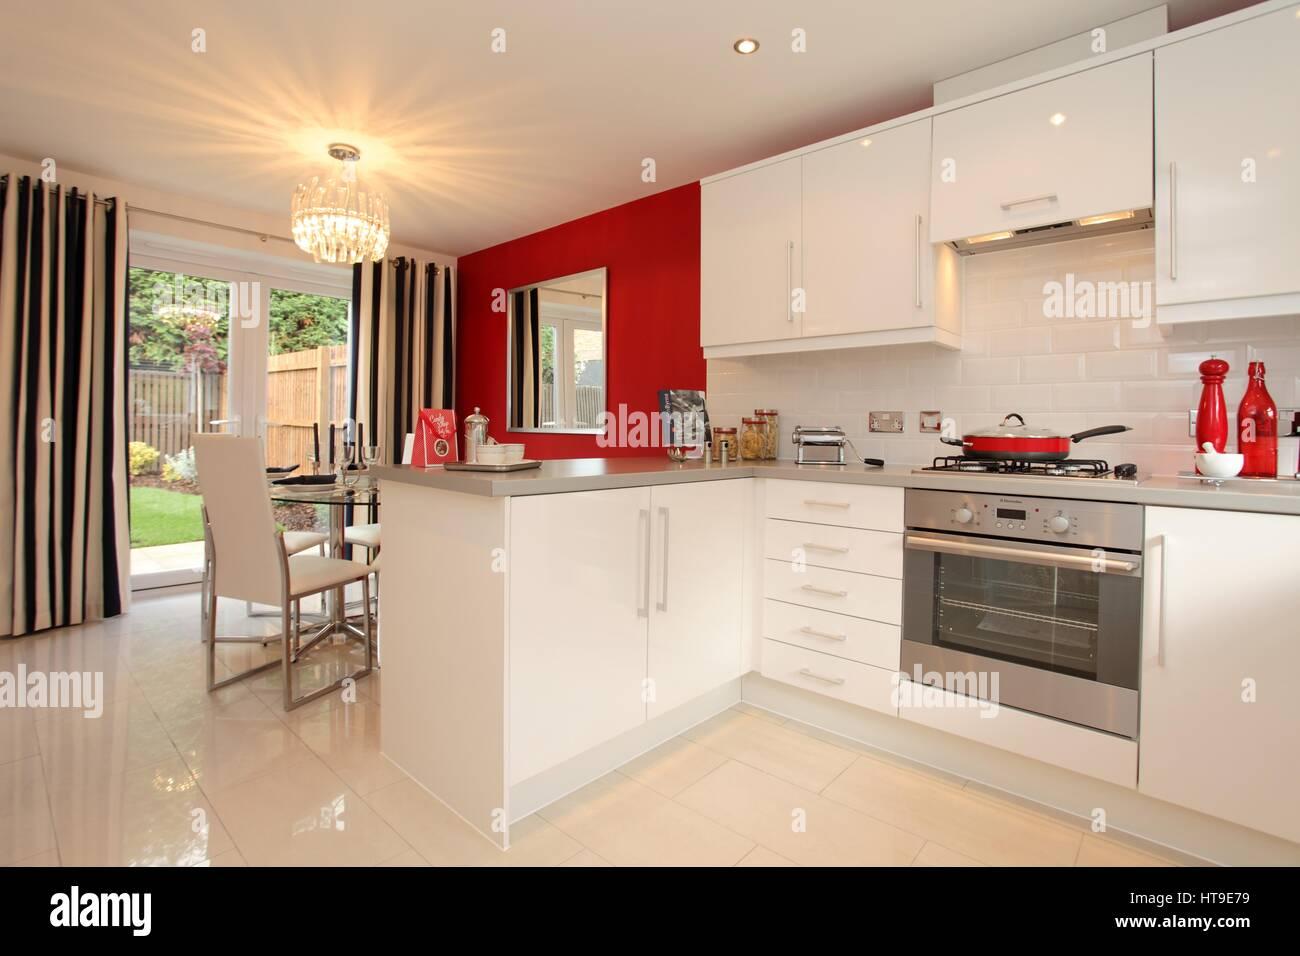 Wohnlandschaft. Küche, modernes Zuhause, neue Build, Wohnküche ...